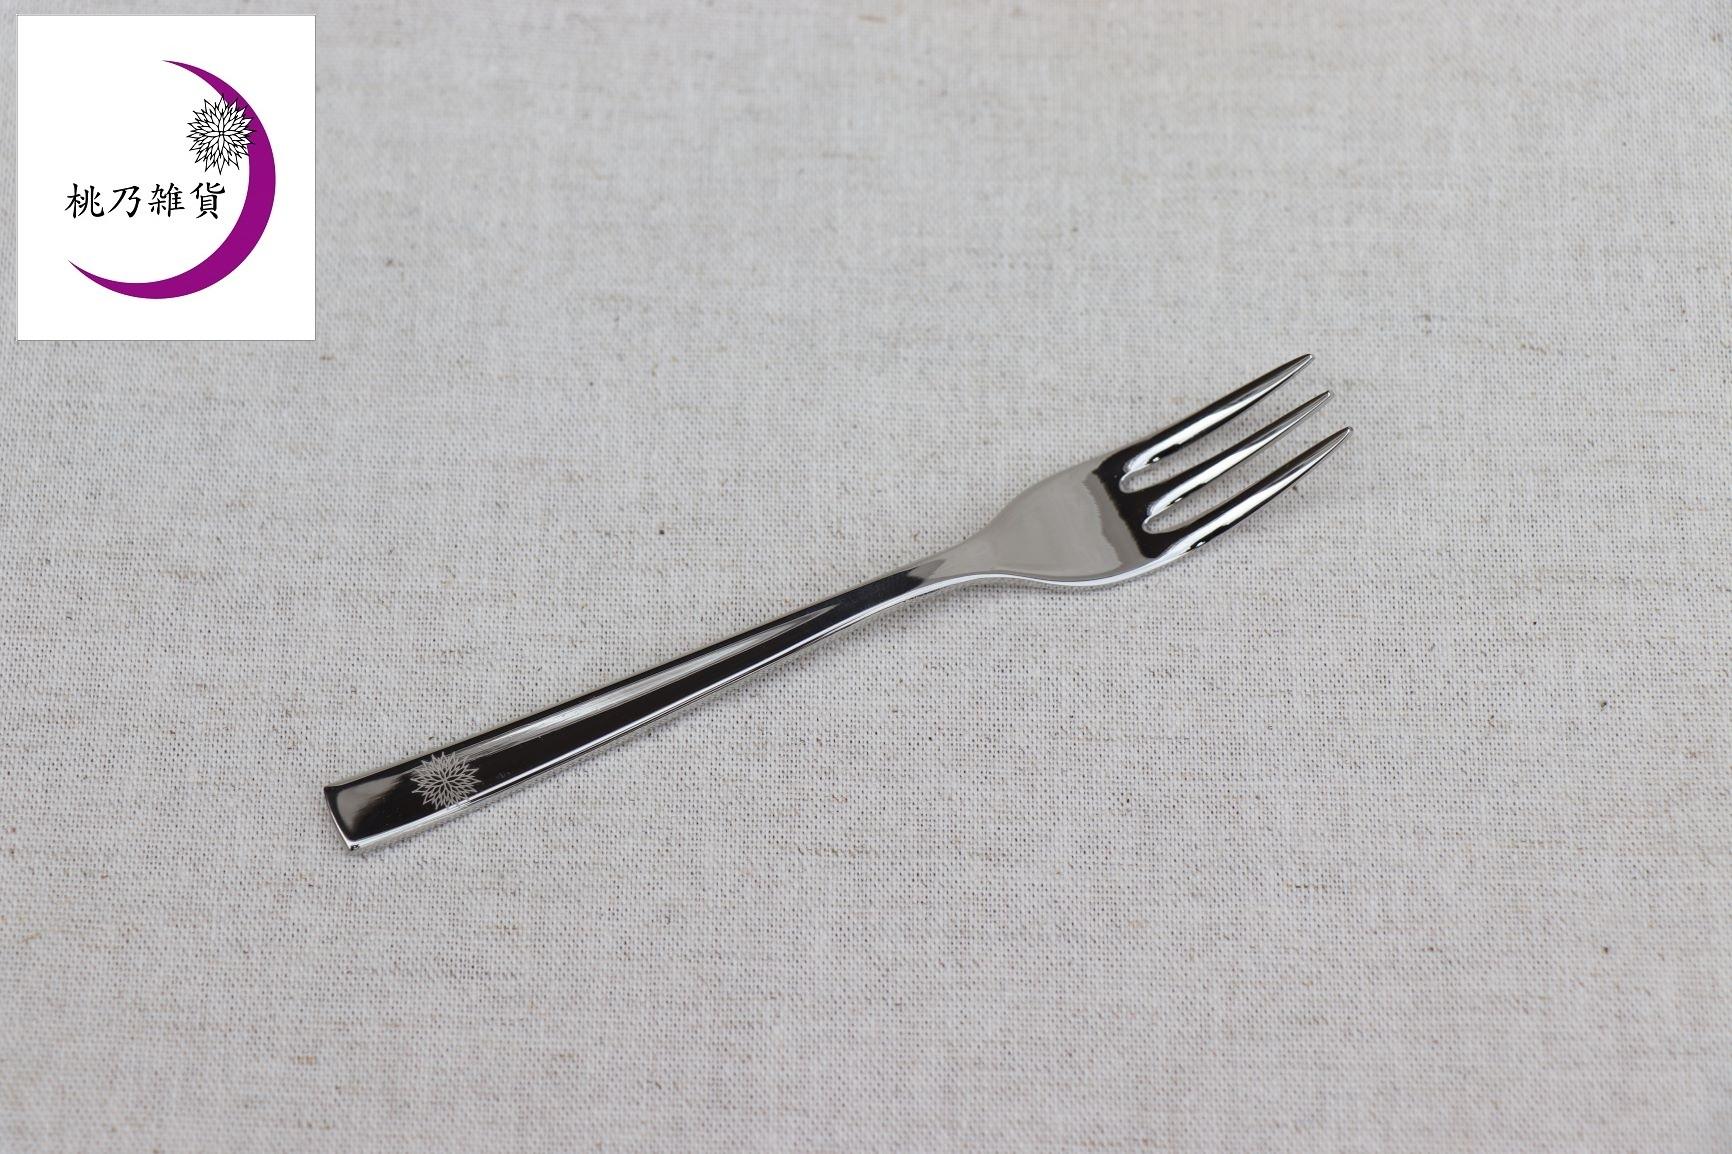 燕三条 「一生使える食器」 ヒメフォーク